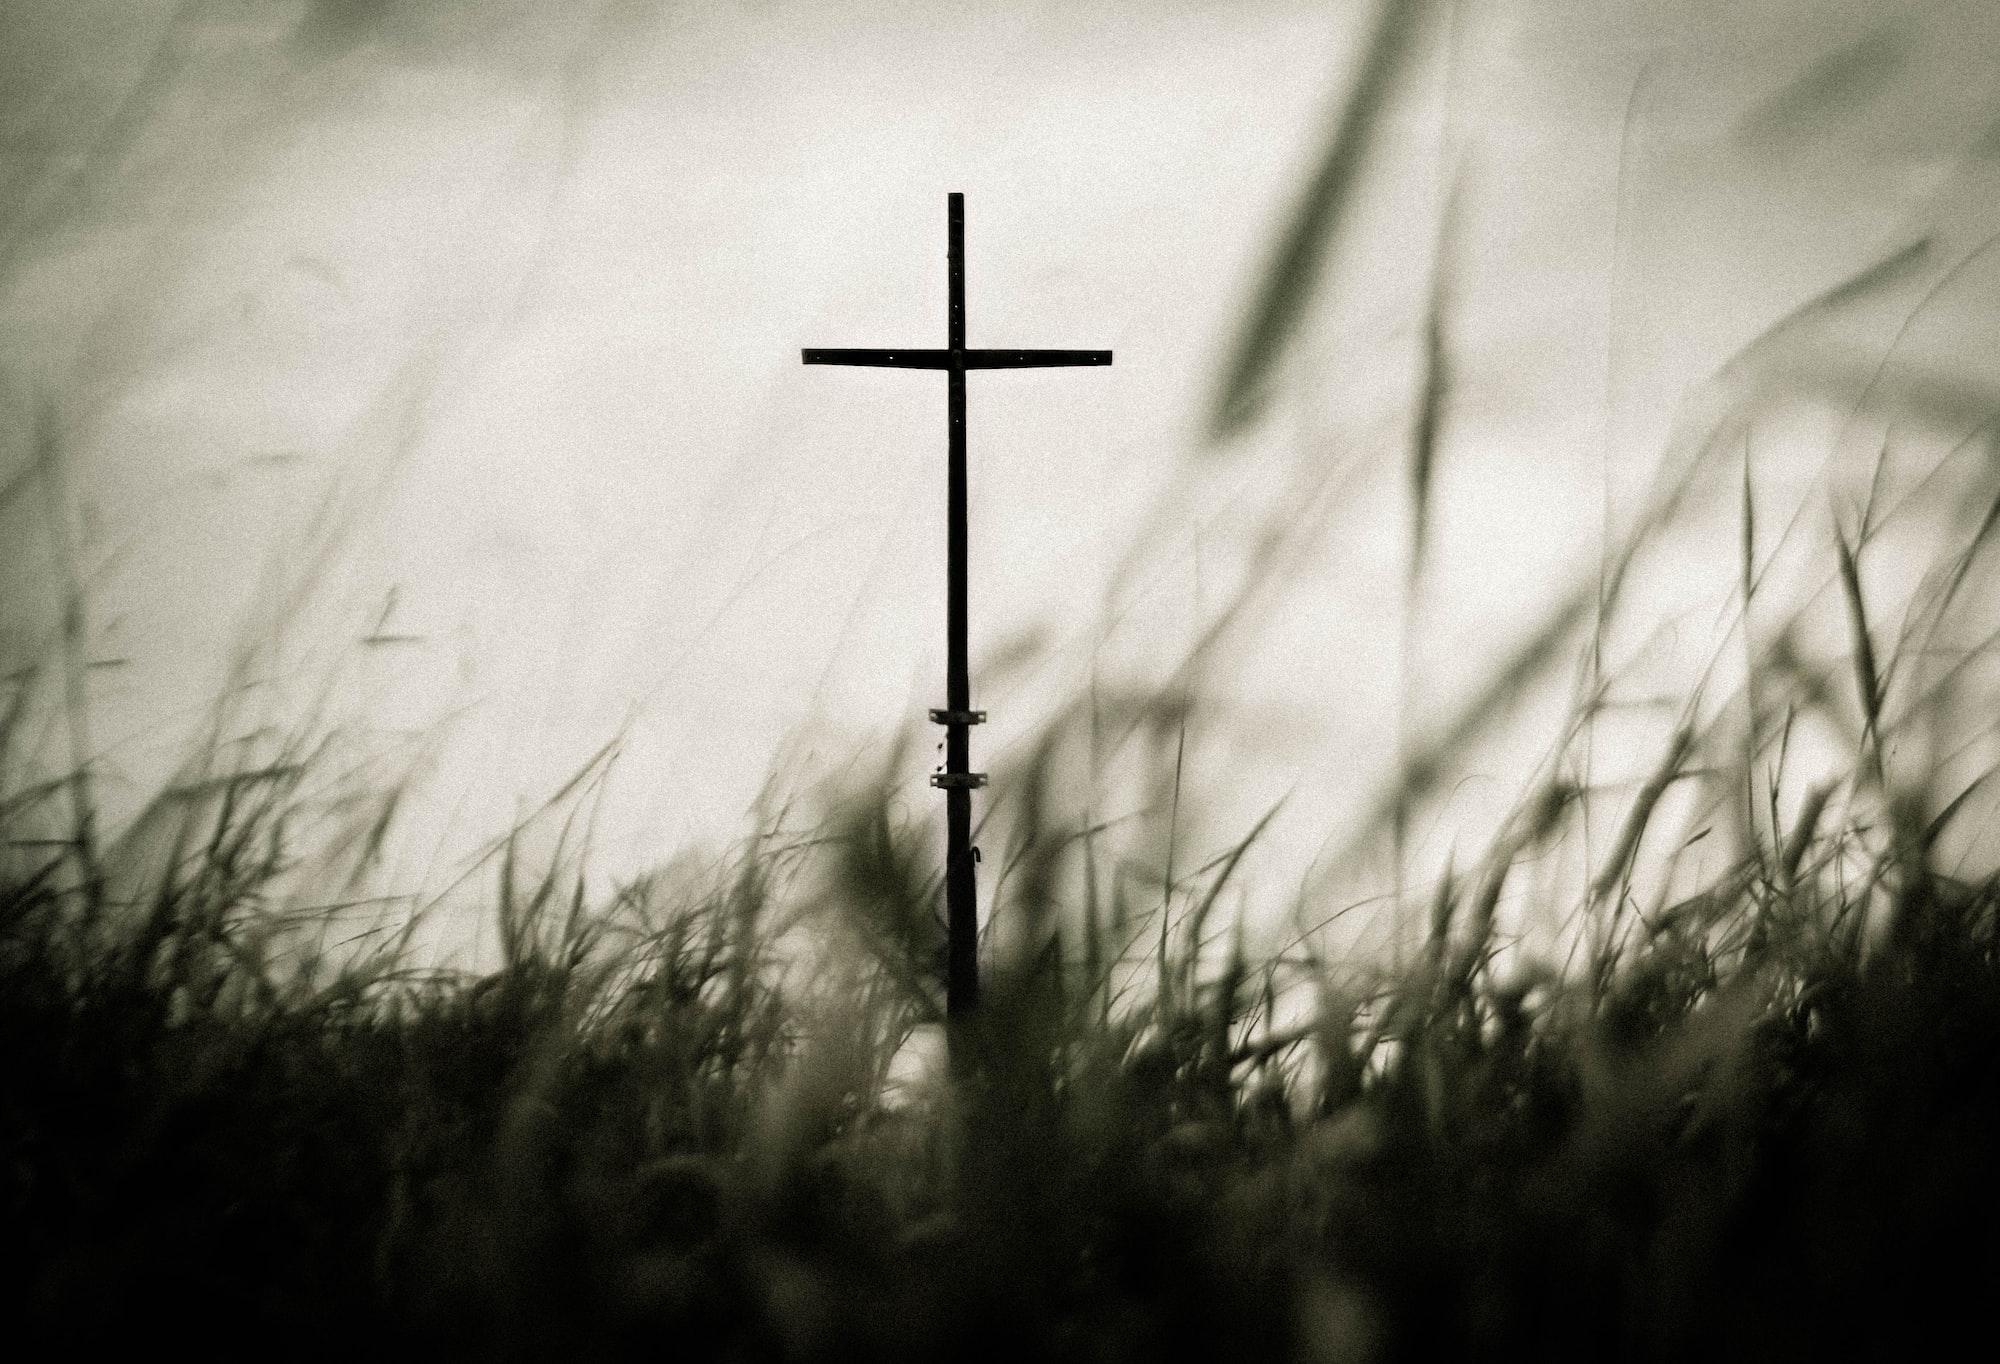 Pentru binele altora dar totuși, cară-ți doar crucea ta!